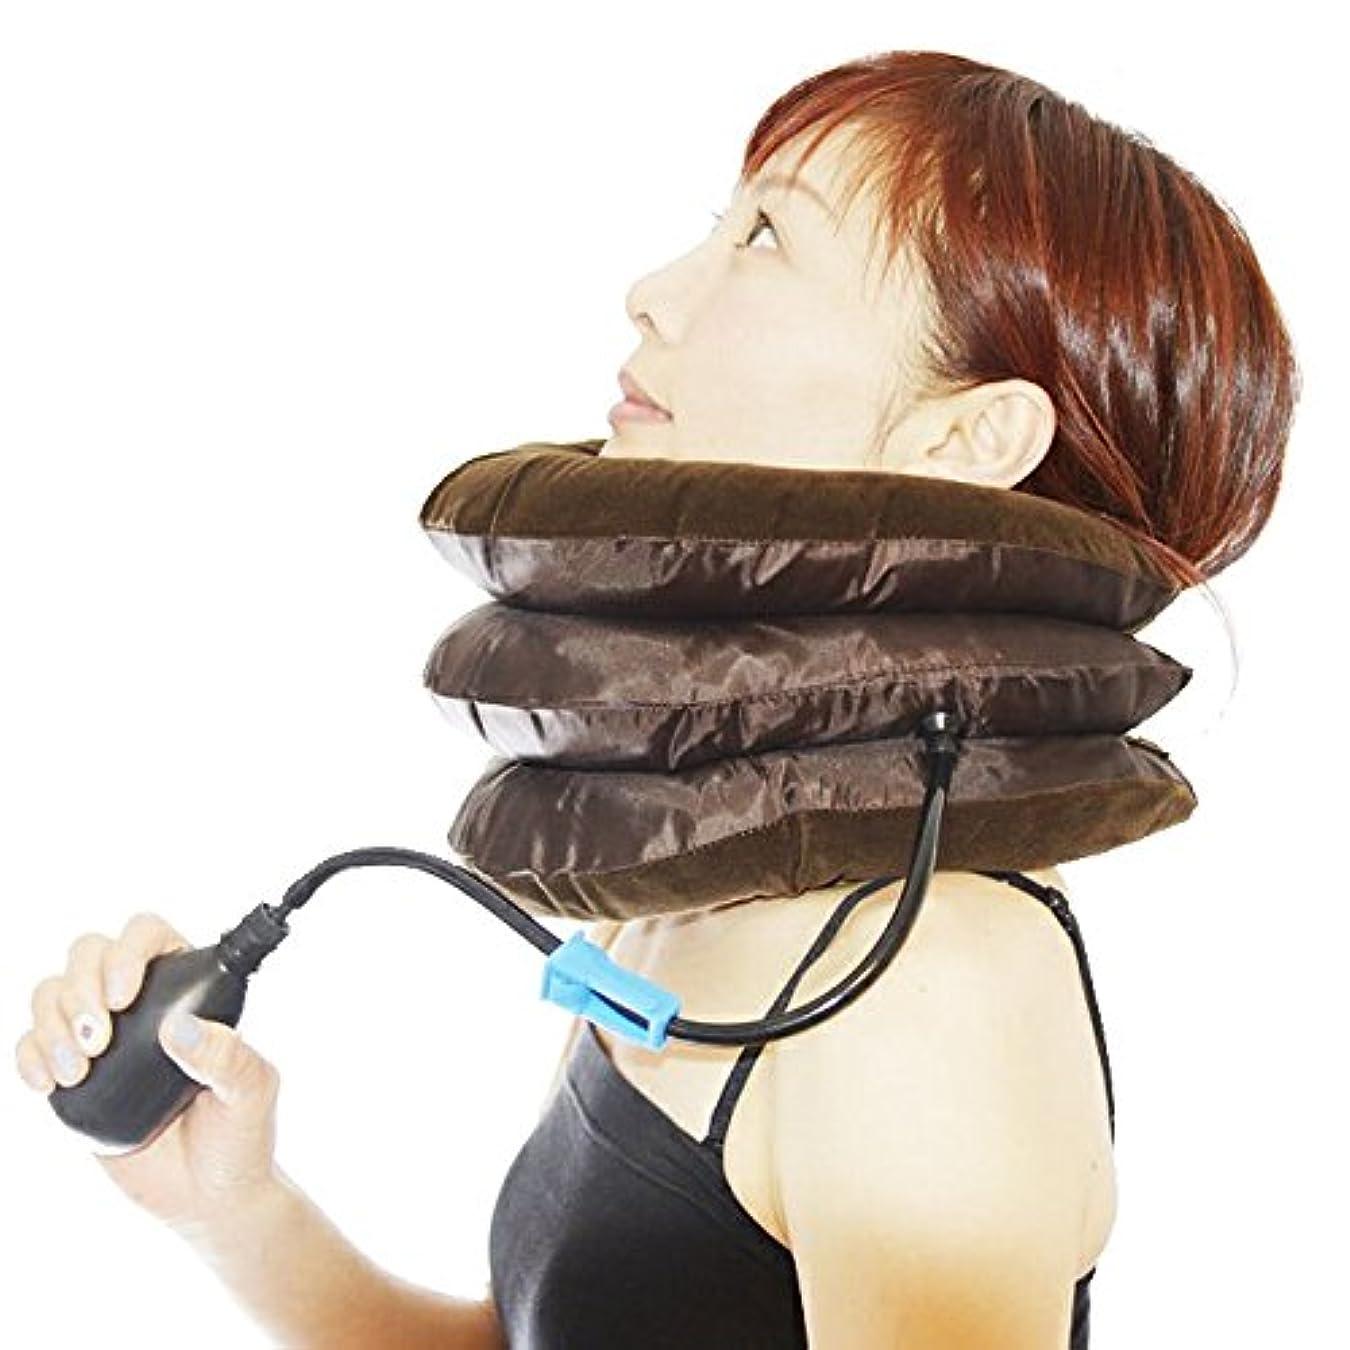 ディレクター介入する重要ネックサポーター ネックストレッチャー 首枕 首伸ばし